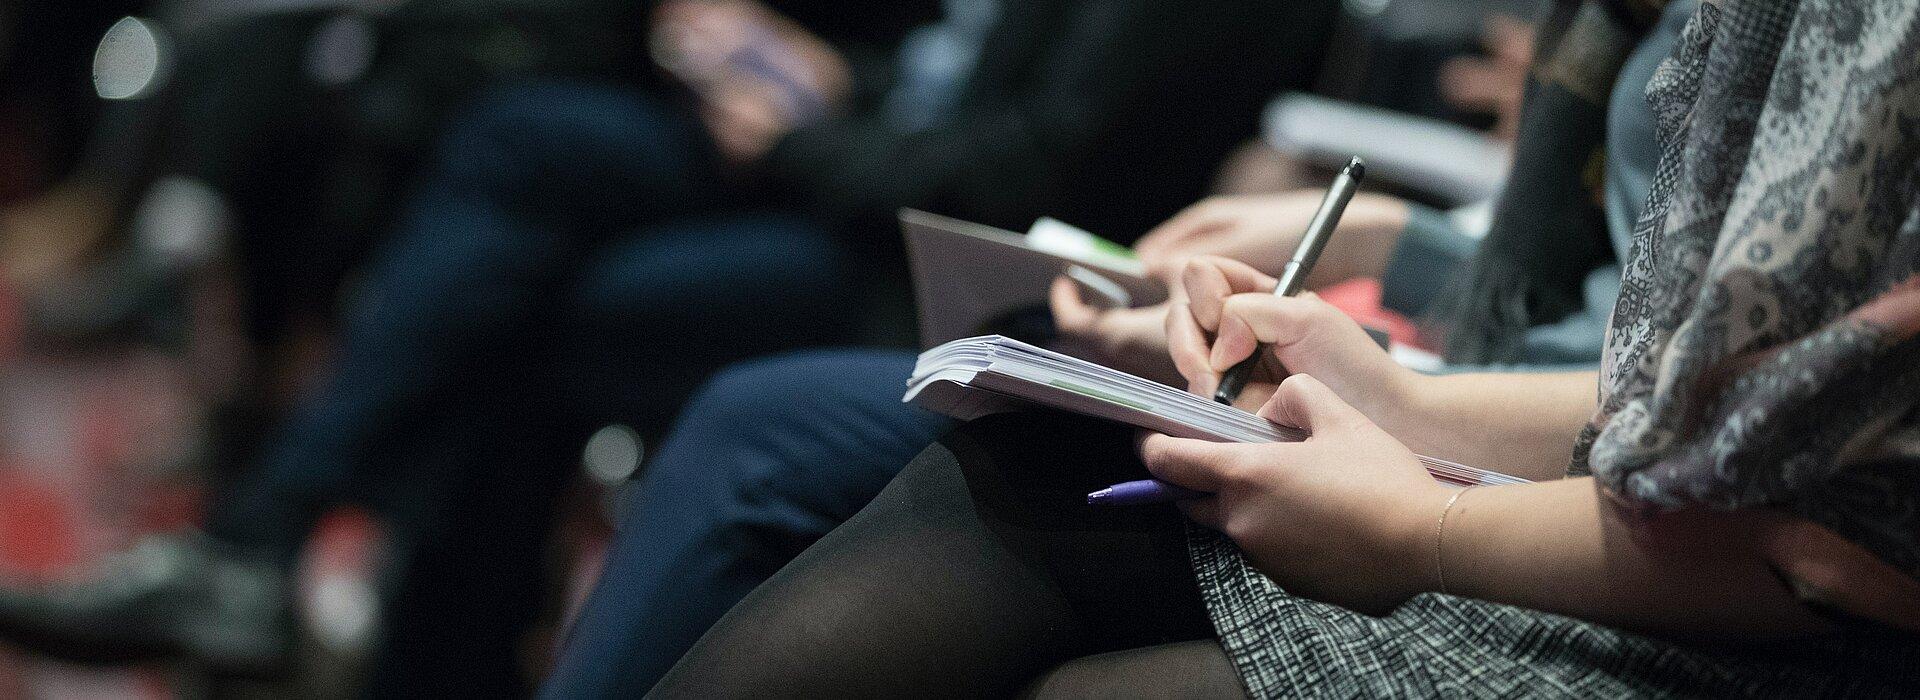 Na foto temos pessoas em uma palestra fazendo anotações